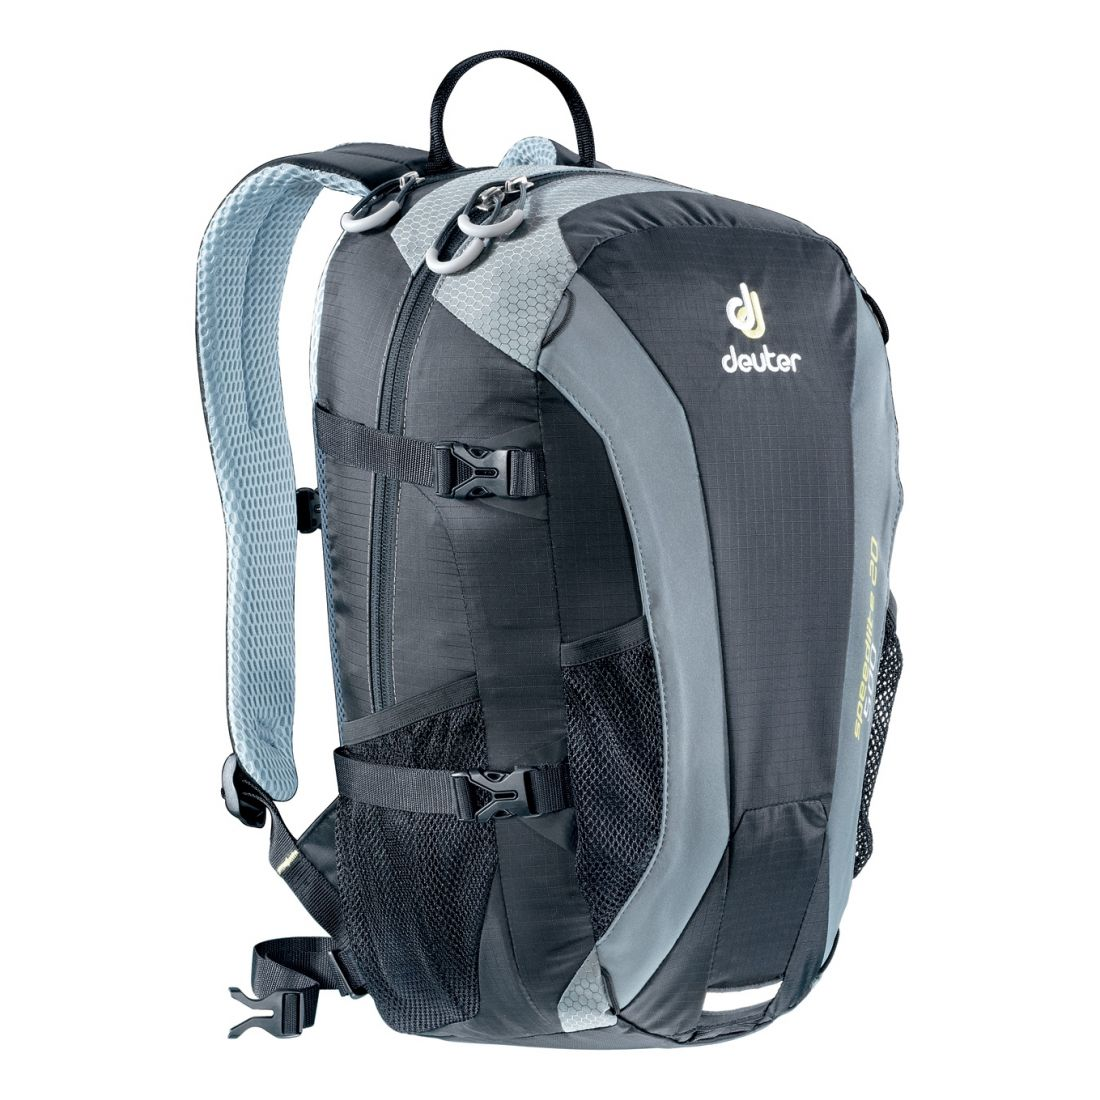 Deuter Speed Lite 20L black-titan универсальный велосипедный рюкзак